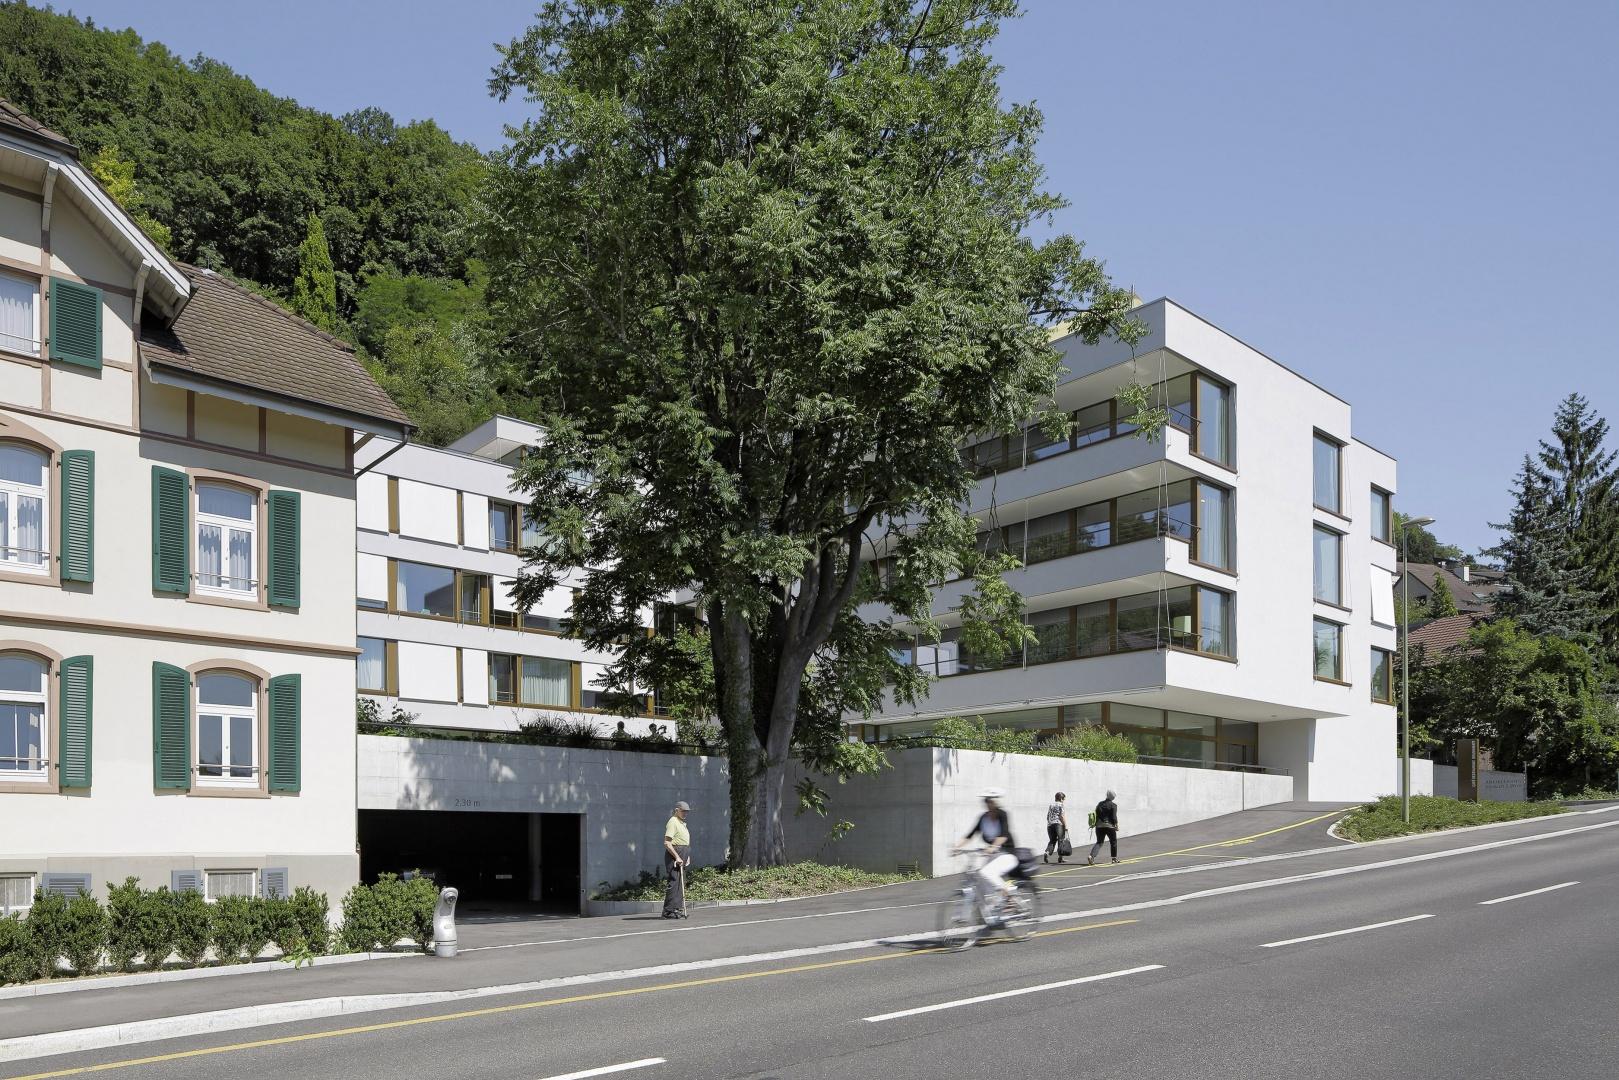 Brunnmatt_Strassenansicht-West © Tom Bisig, Basel